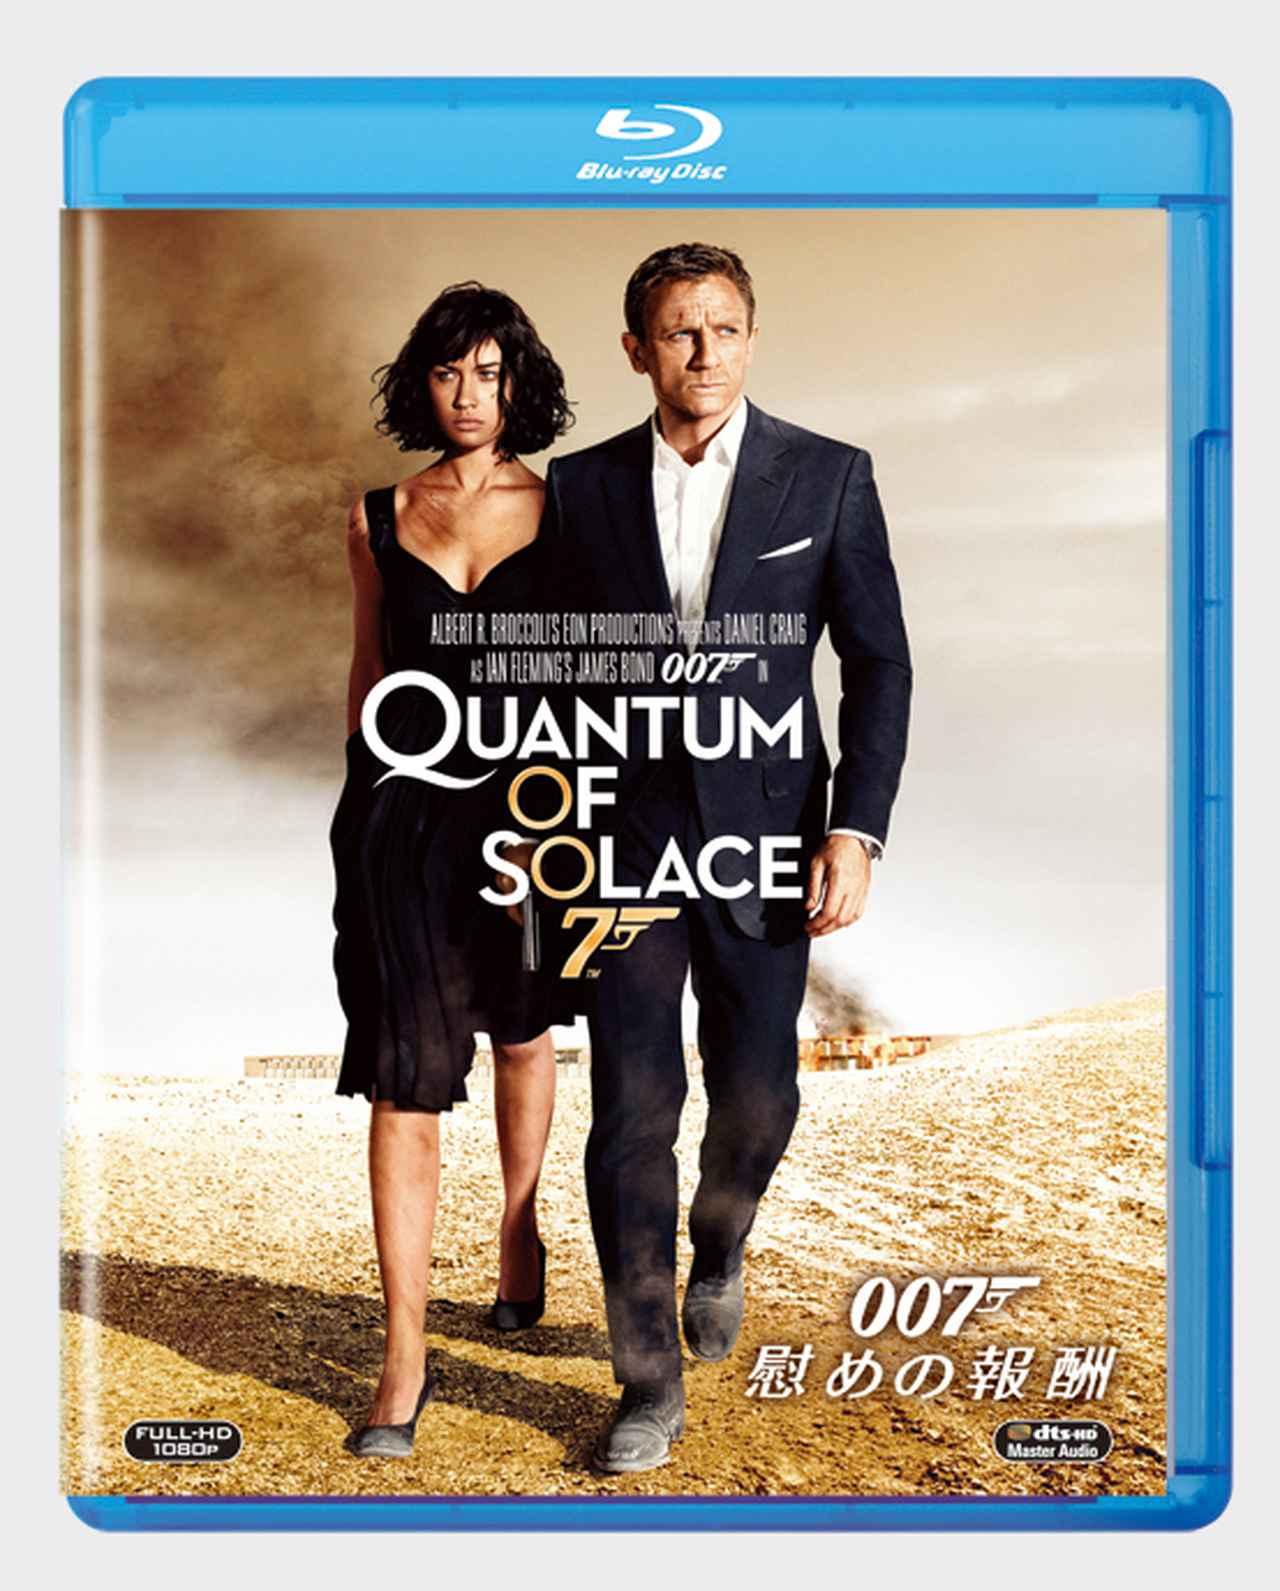 画像2: 新作を観る前にプレイバック!ダニエル・クレイグ版007の道のりとは?